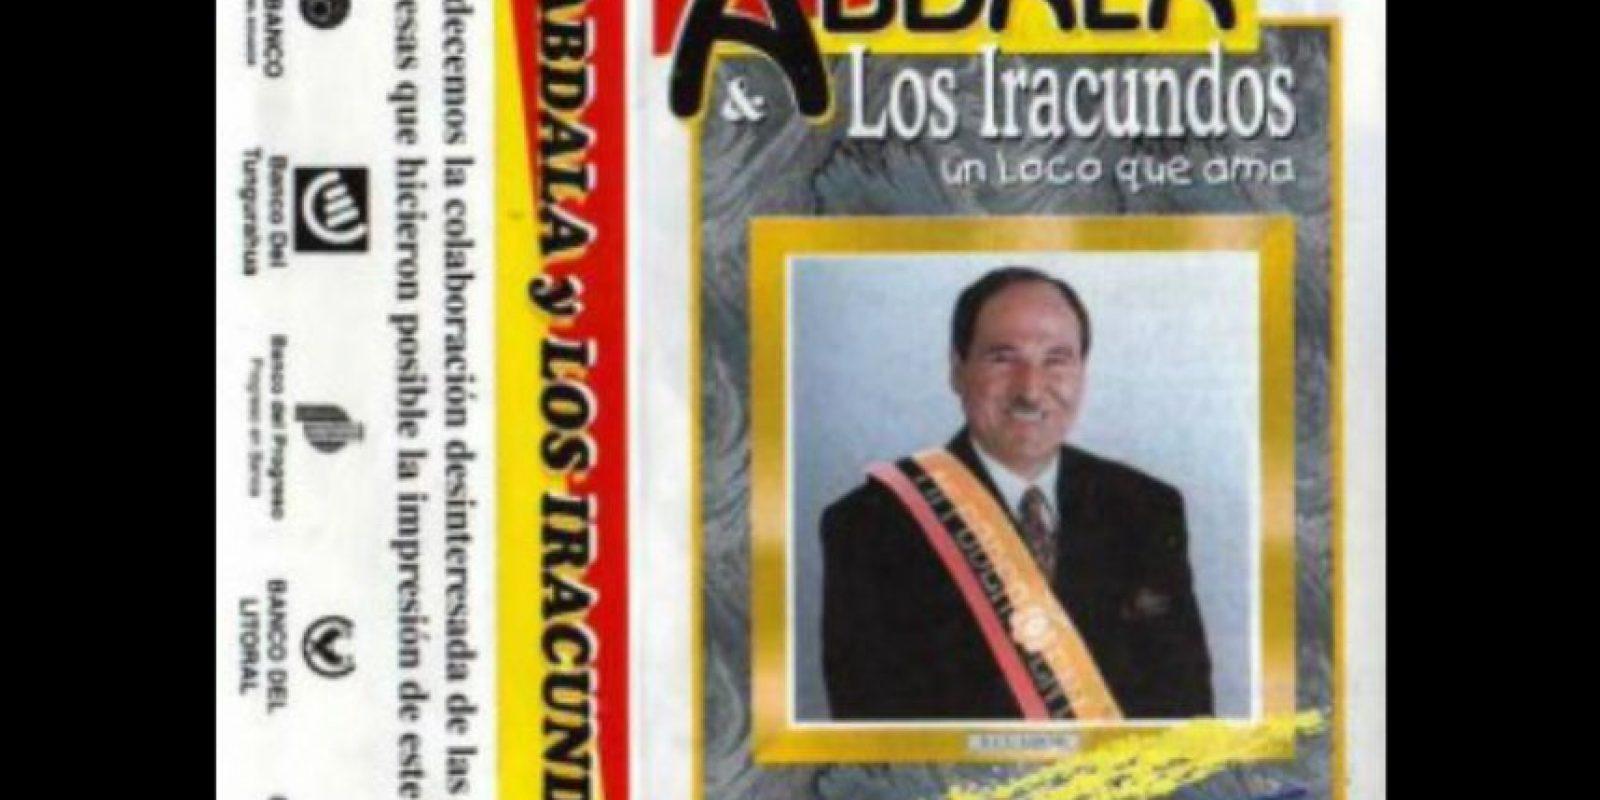 """Fue dedicado """"a la Patria, a su esposa y a sus hermanos 'Los Iracundos"""